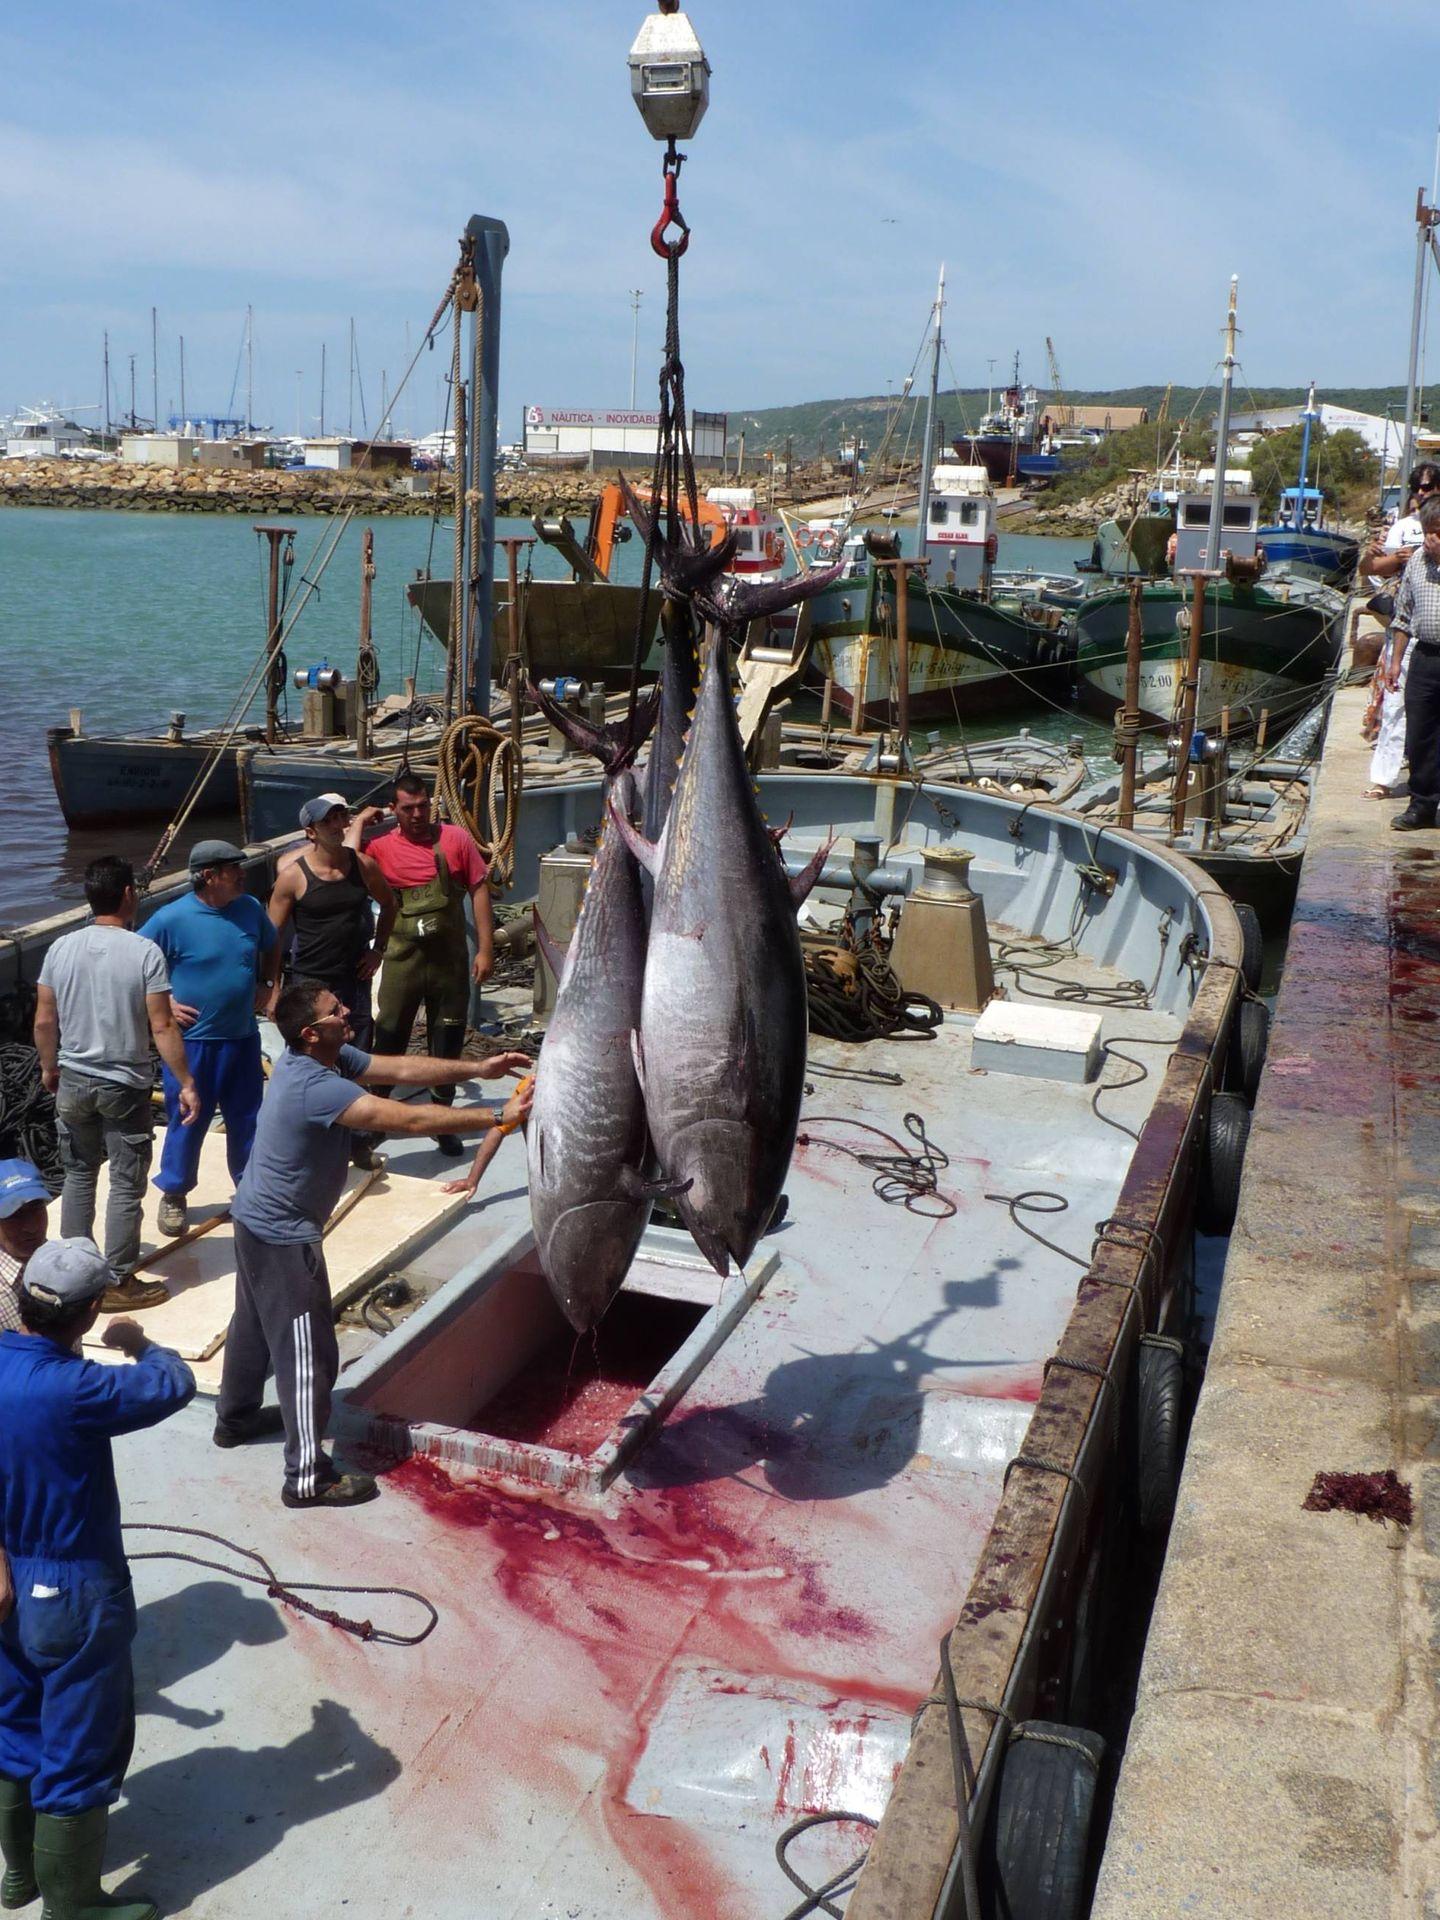 Descarga de atún rojo en Barbate tras la matanza en la almadraba. (M. García Rey / ICIJ)